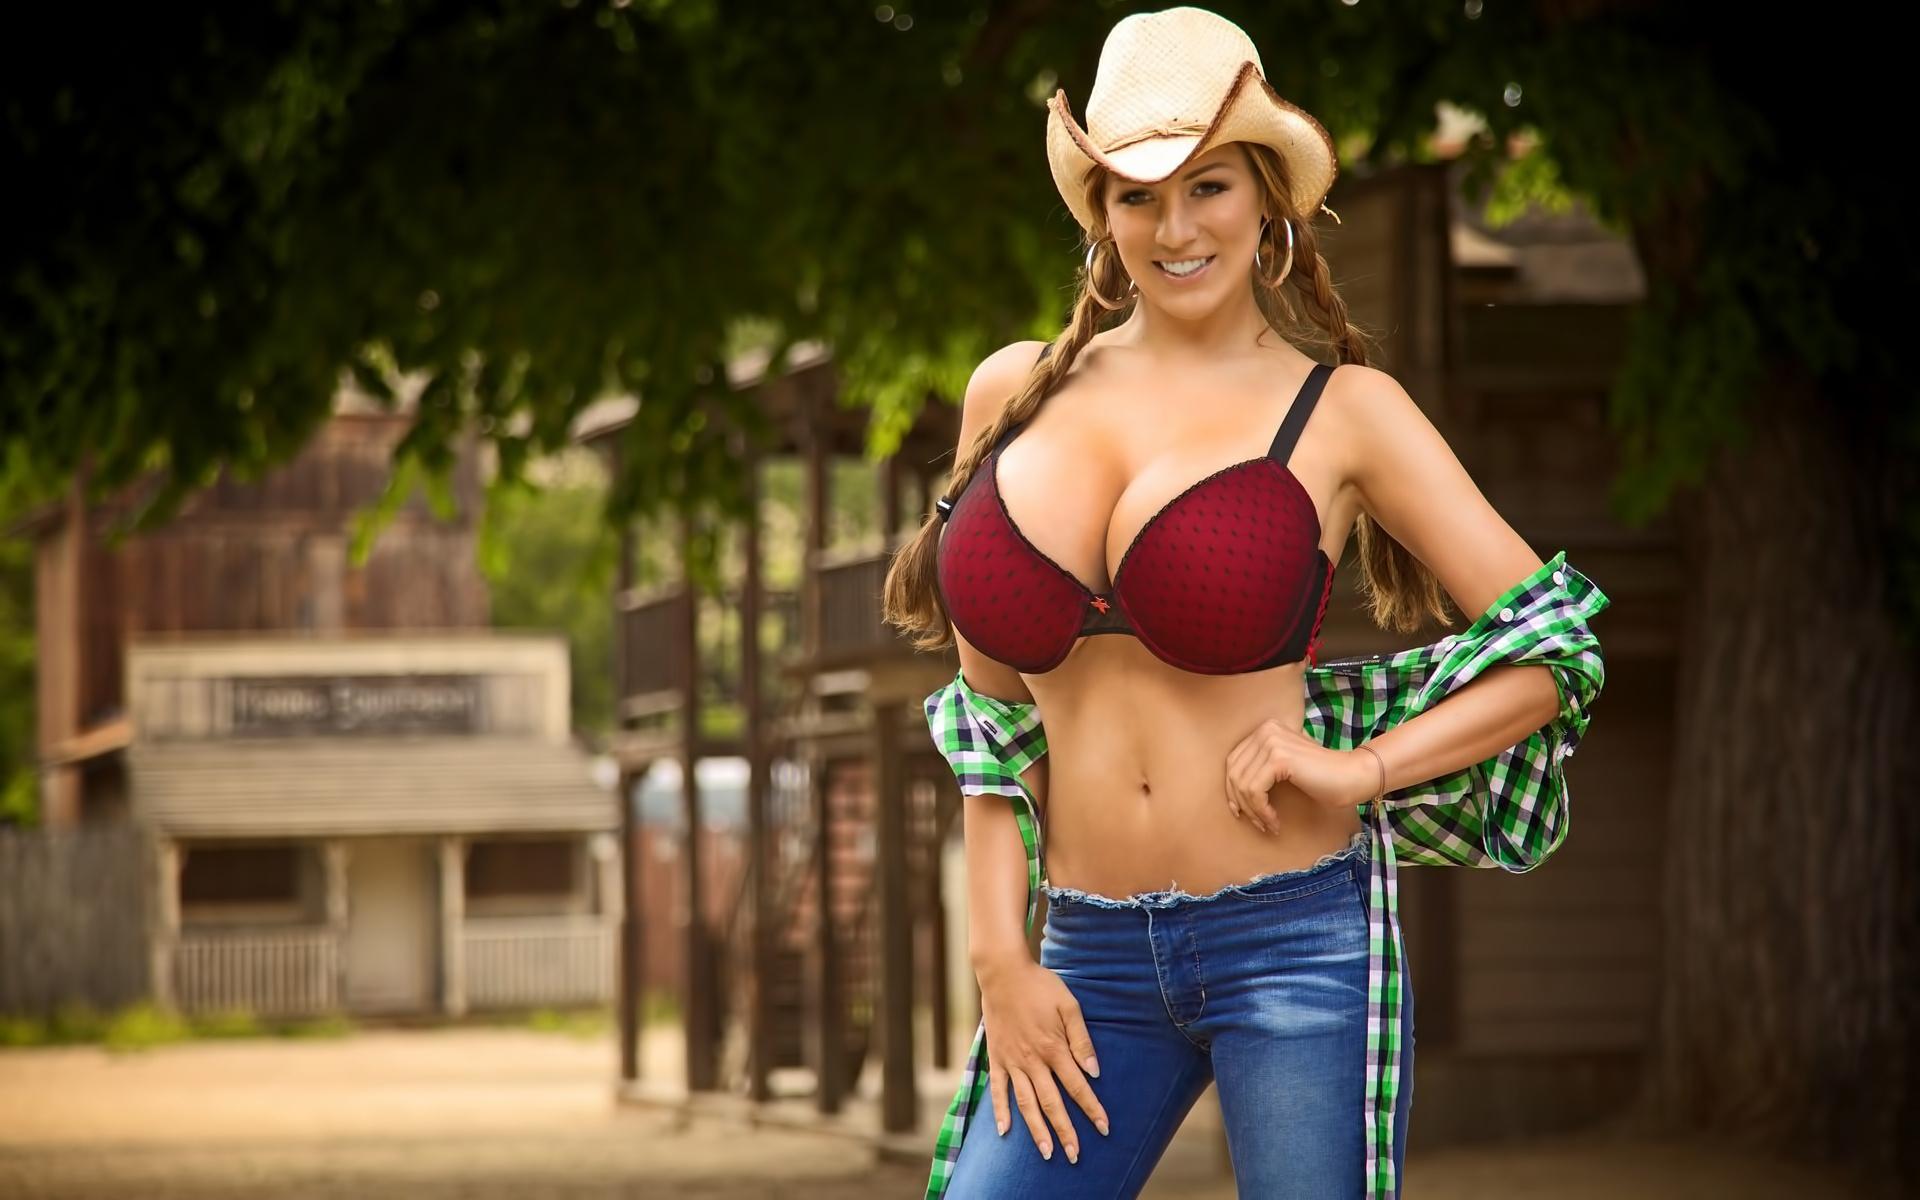 немецкие женщины с большой грудью